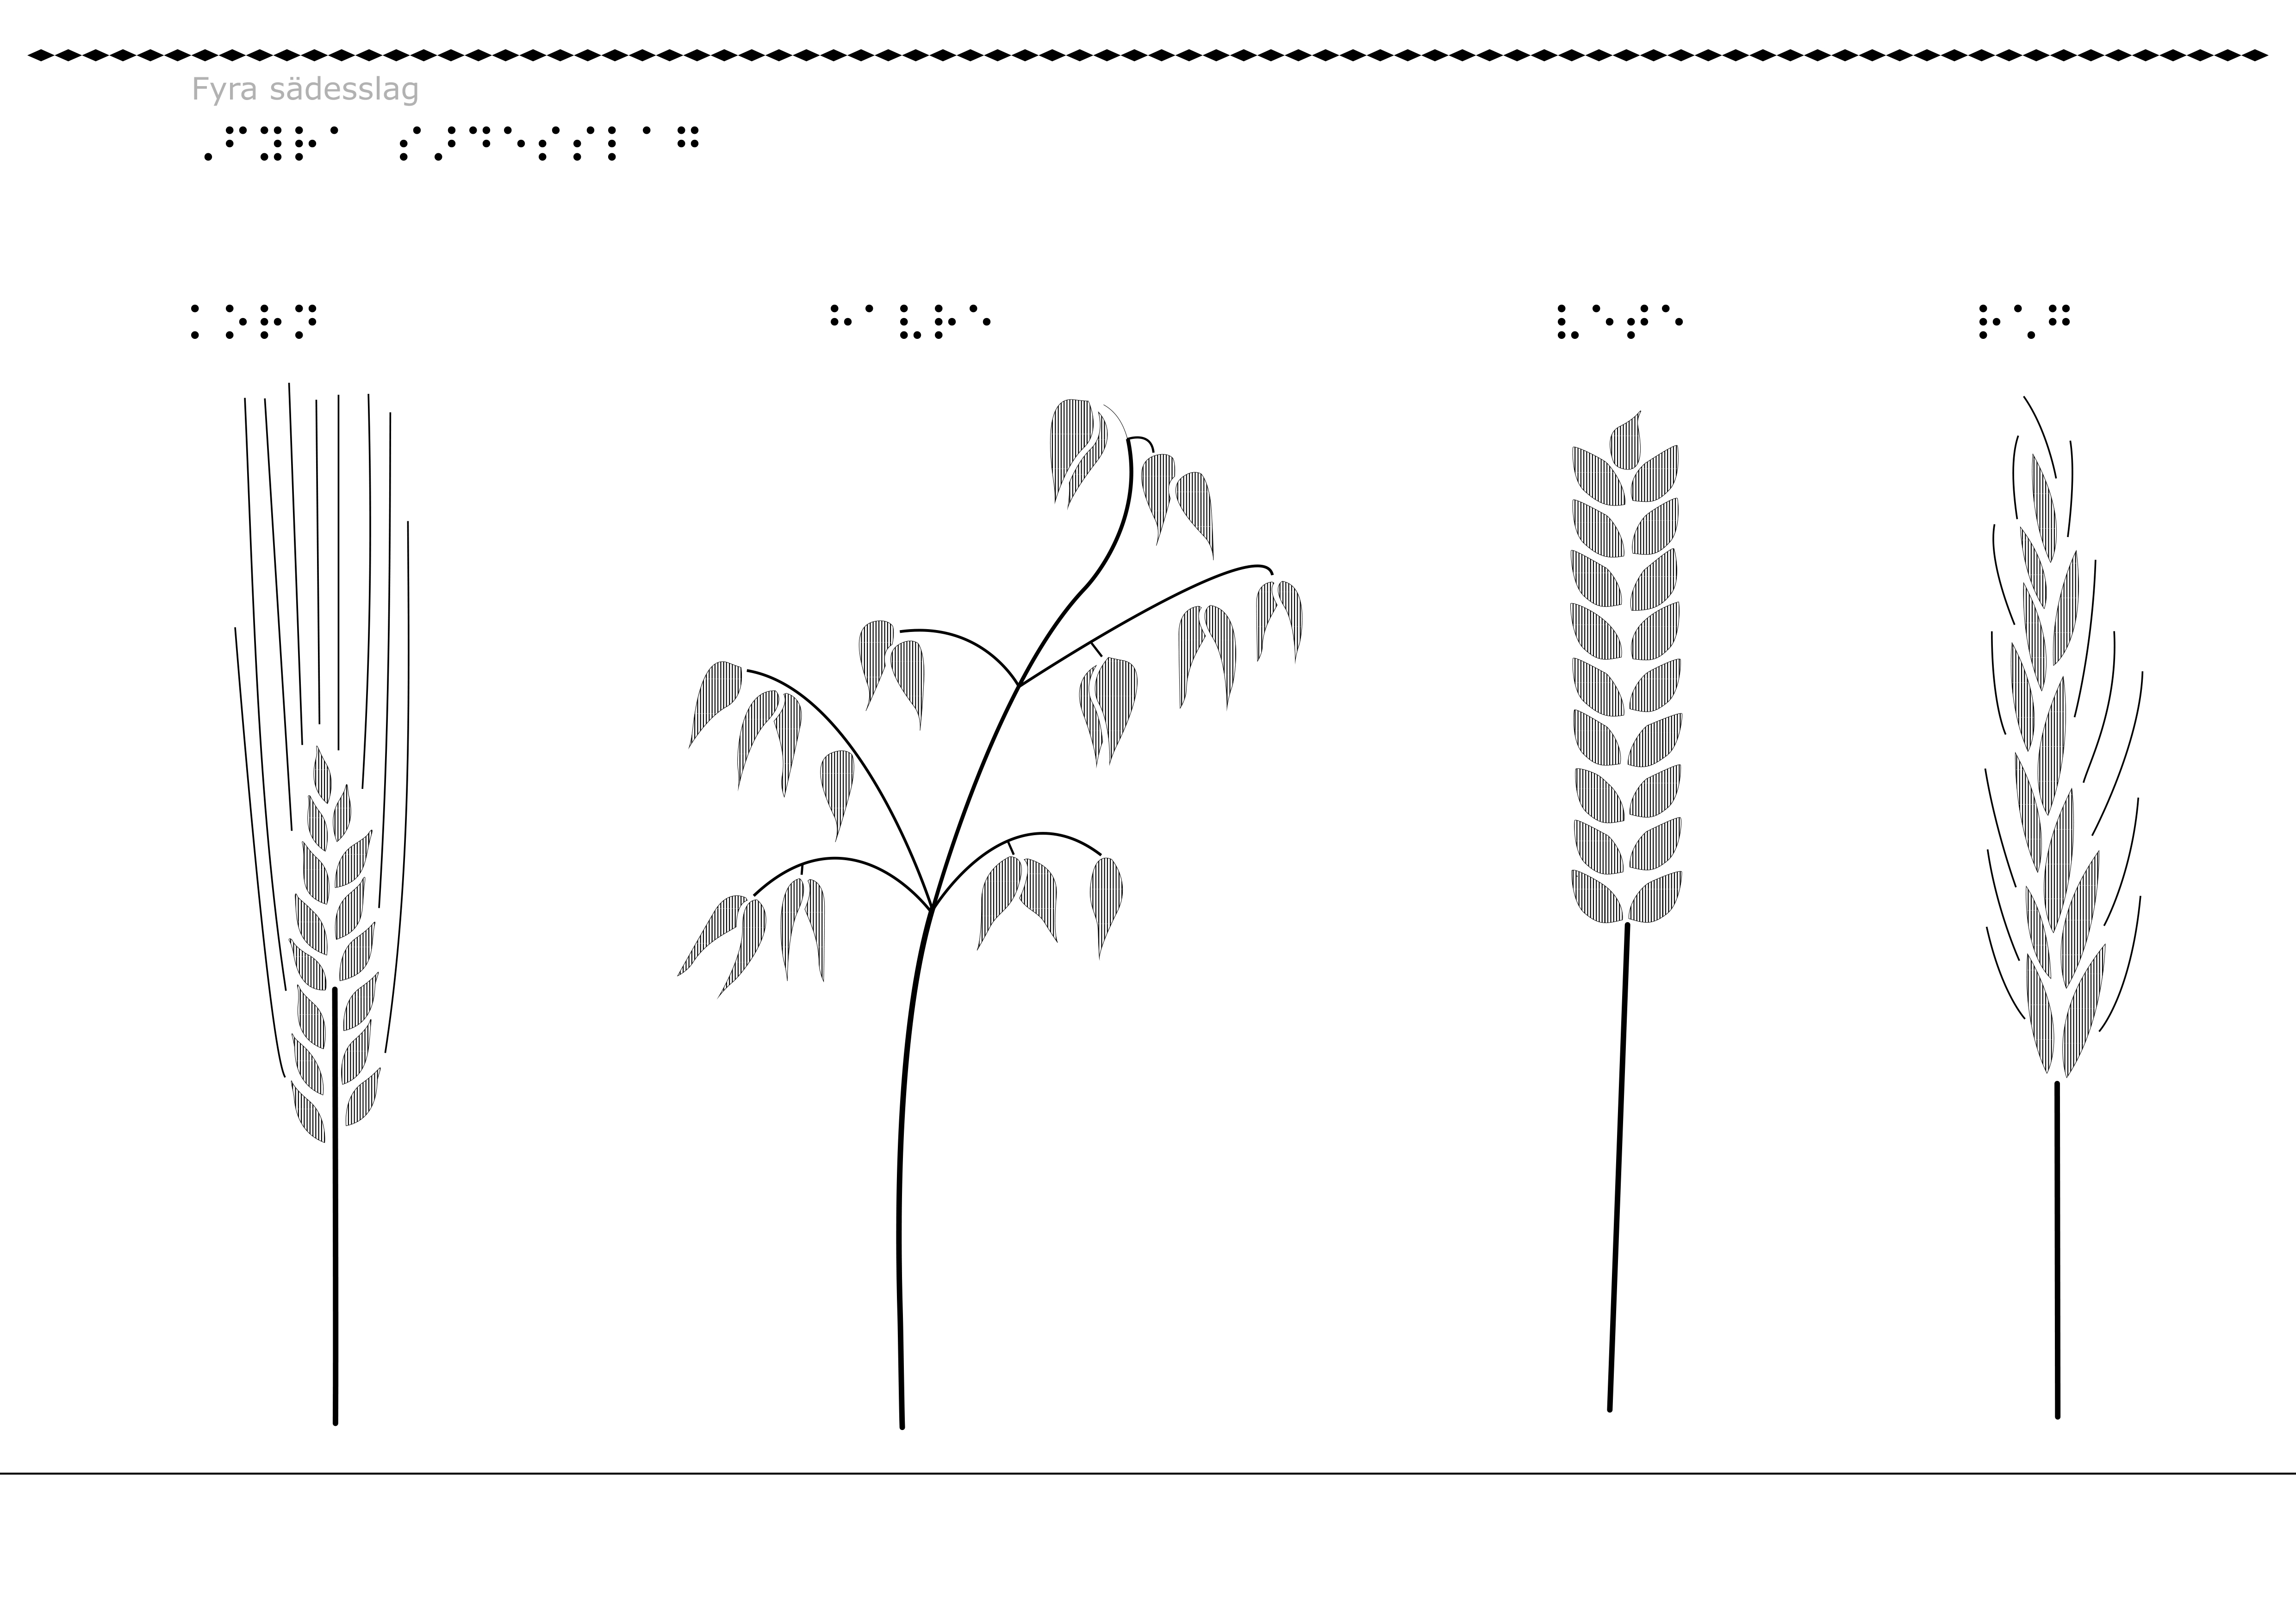 de fyra sädesslagen bild